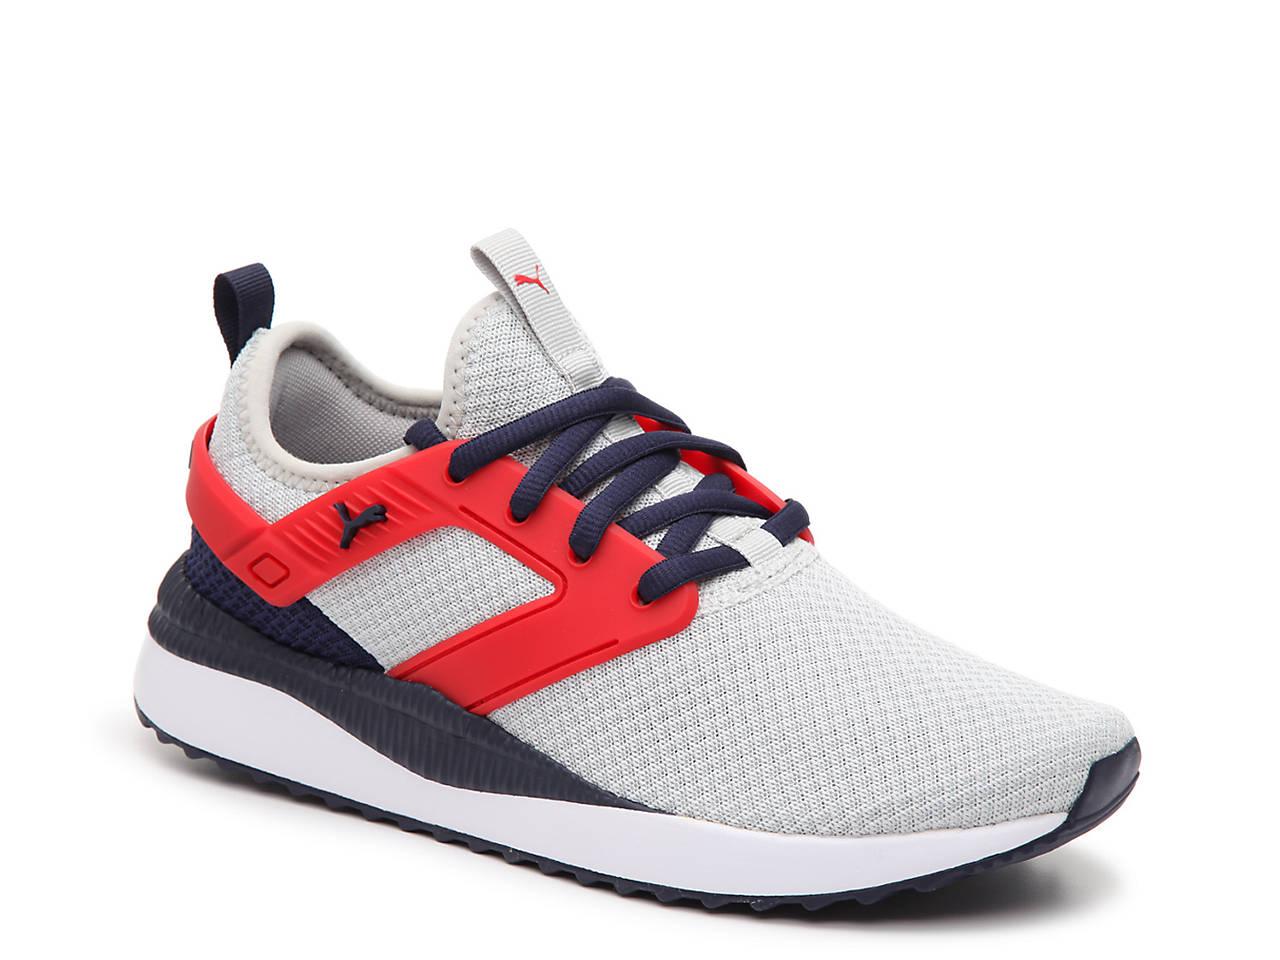 68616f332e Pacer Next Excel Training Shoe - Men's